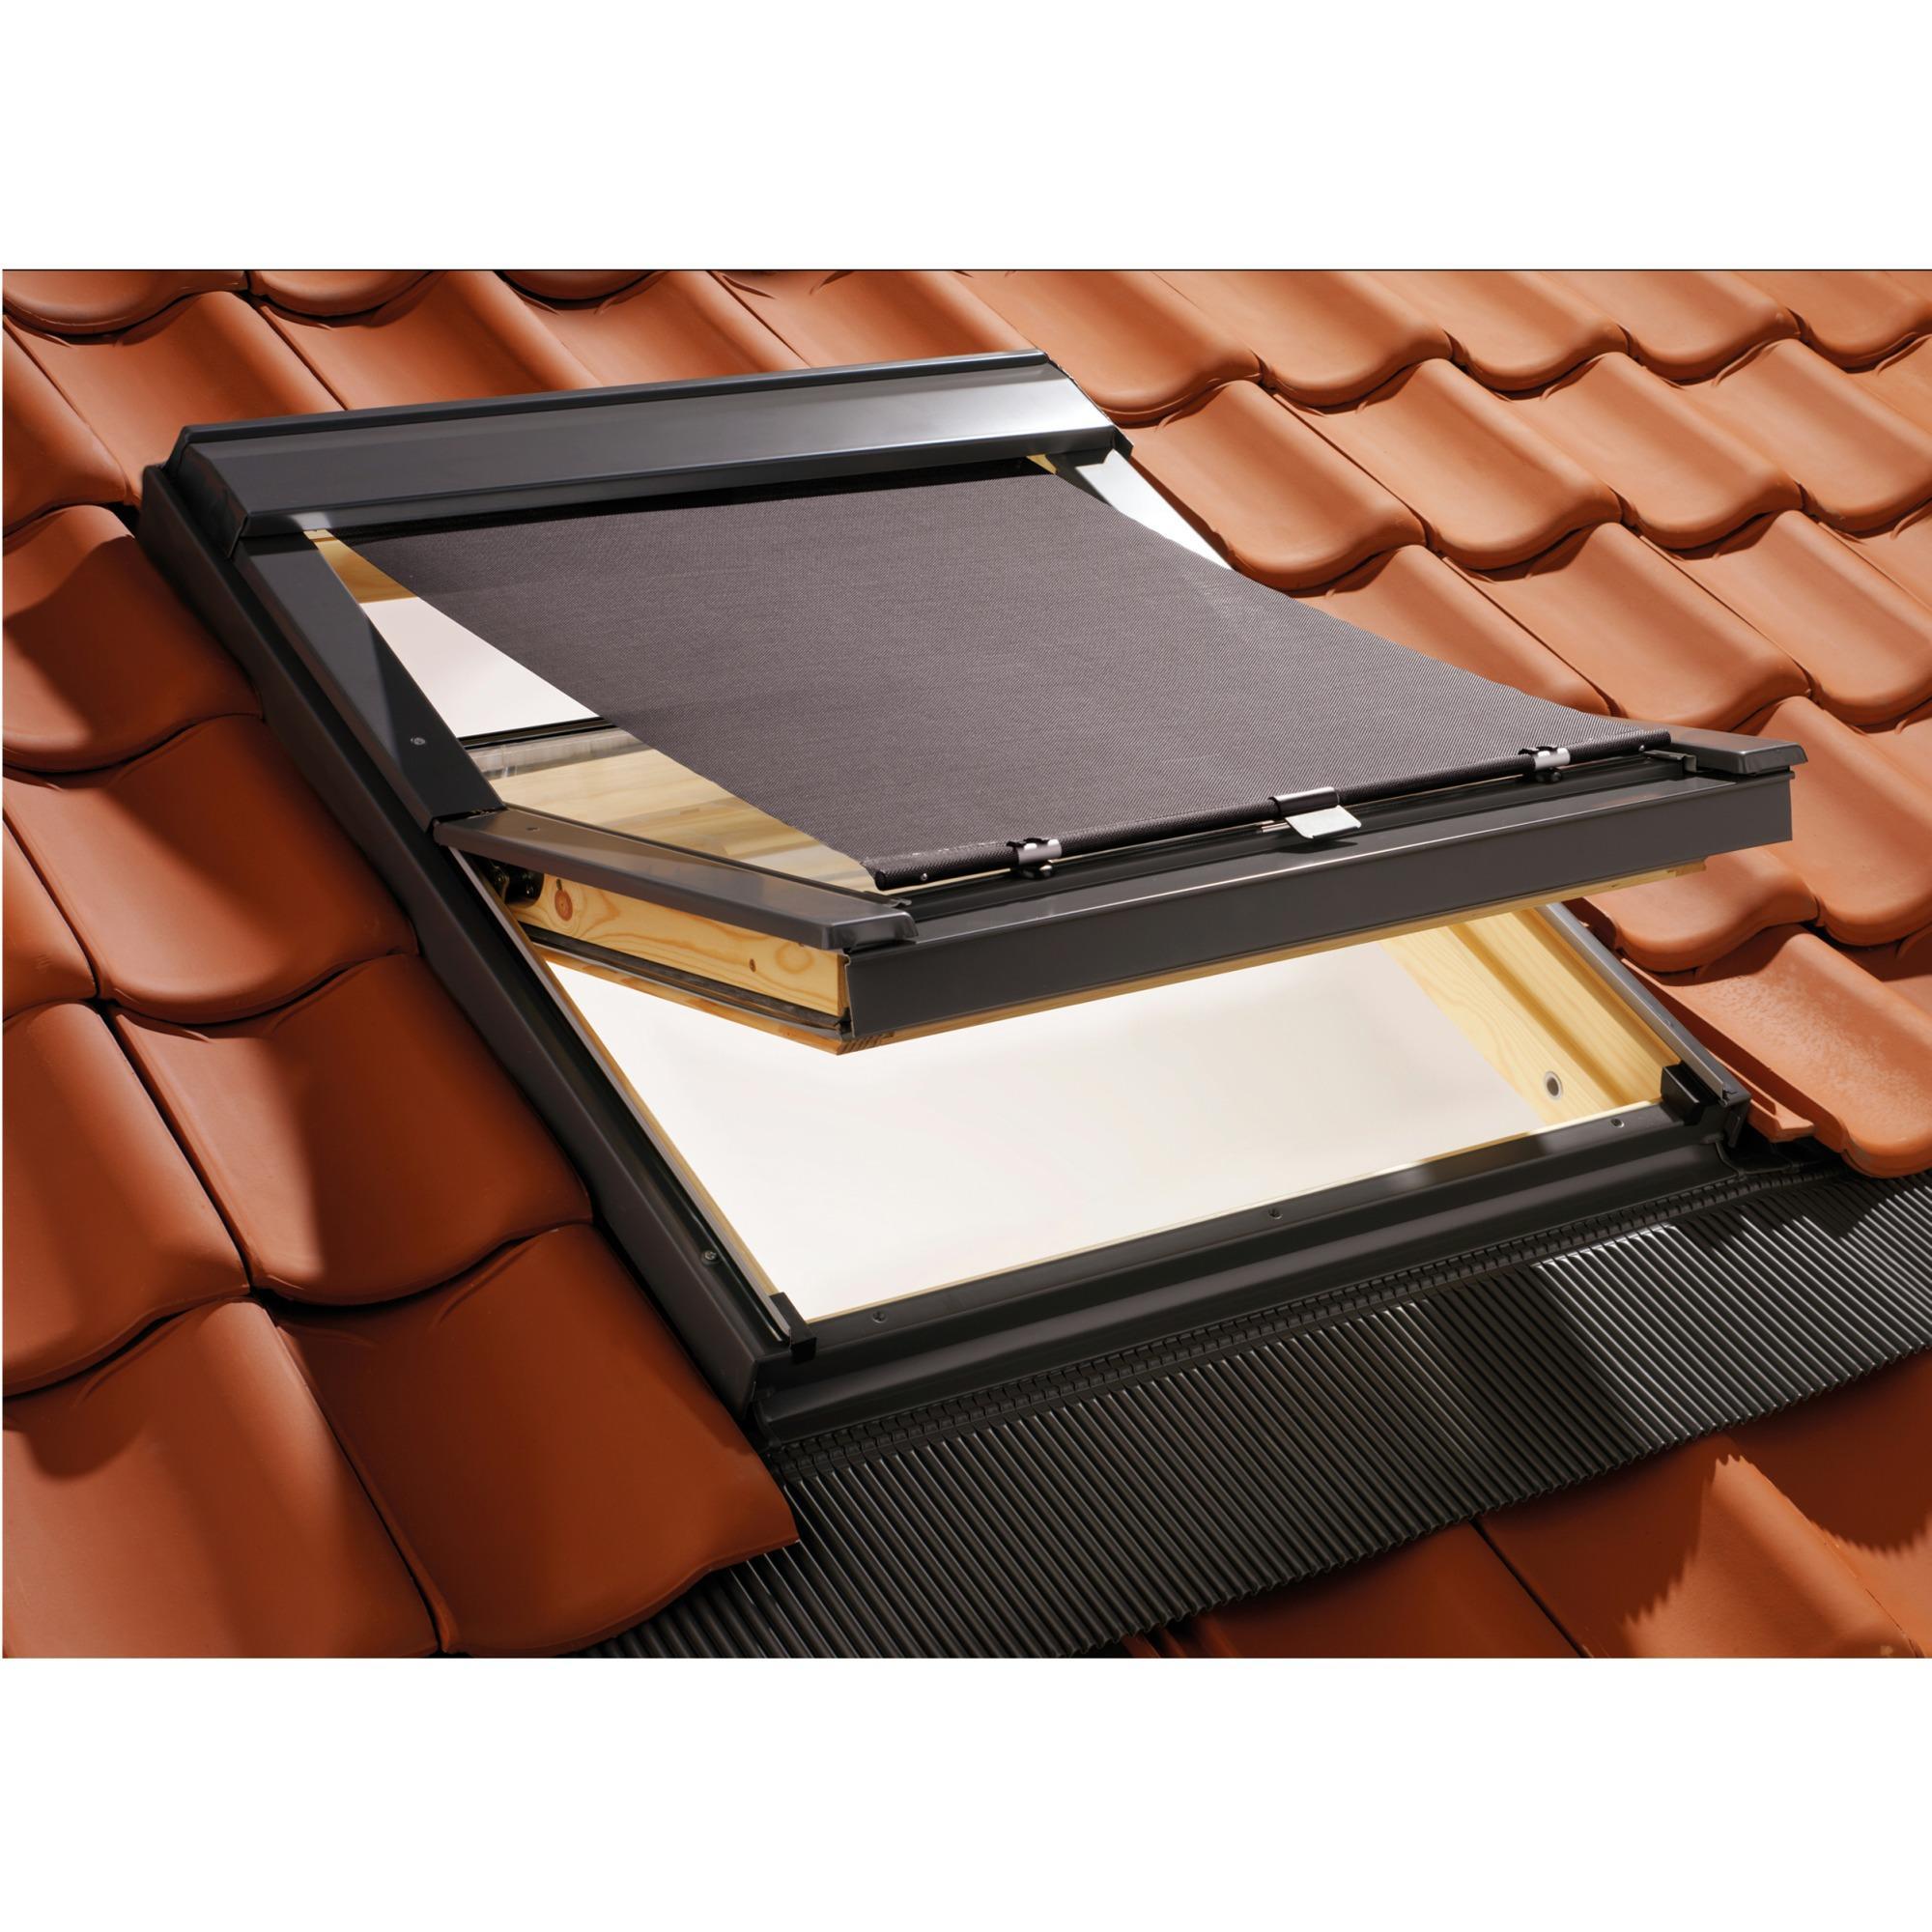 dachfenster hitzeschutz markisen f r velux 78x140cm plisseeonline. Black Bedroom Furniture Sets. Home Design Ideas